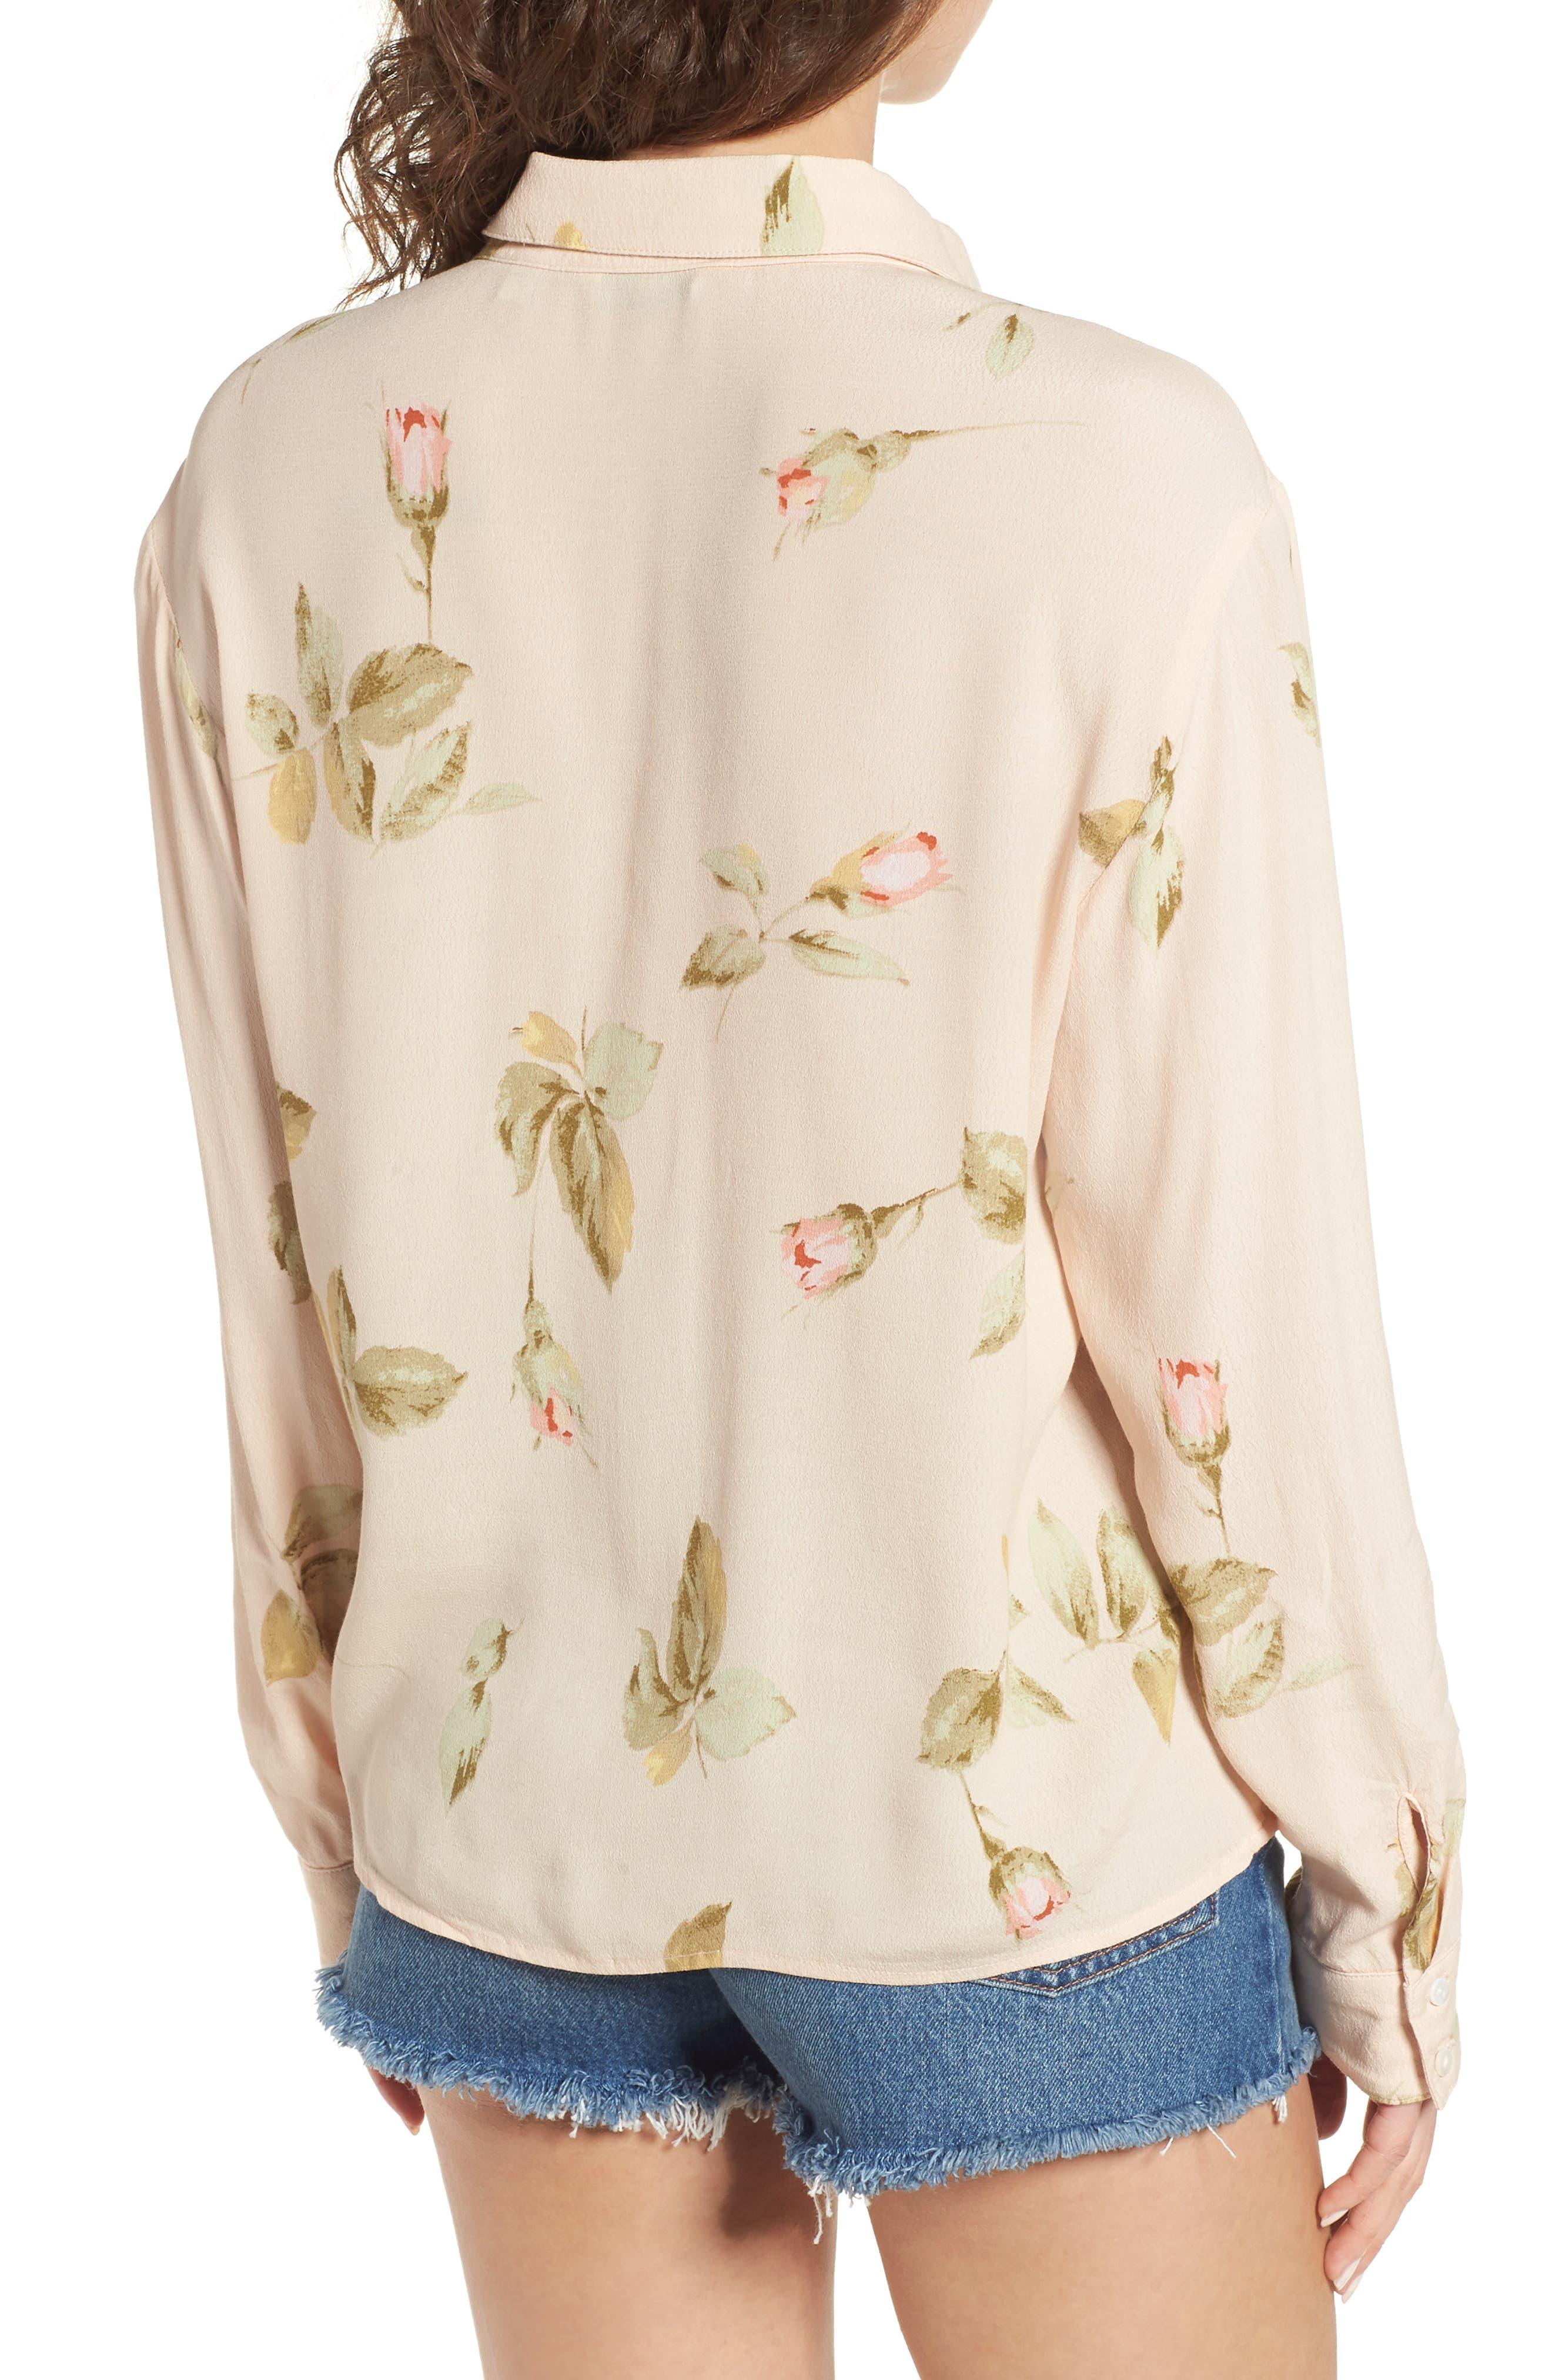 Sinclair Floral Print Shirt,                             Alternate thumbnail 2, color,                             250